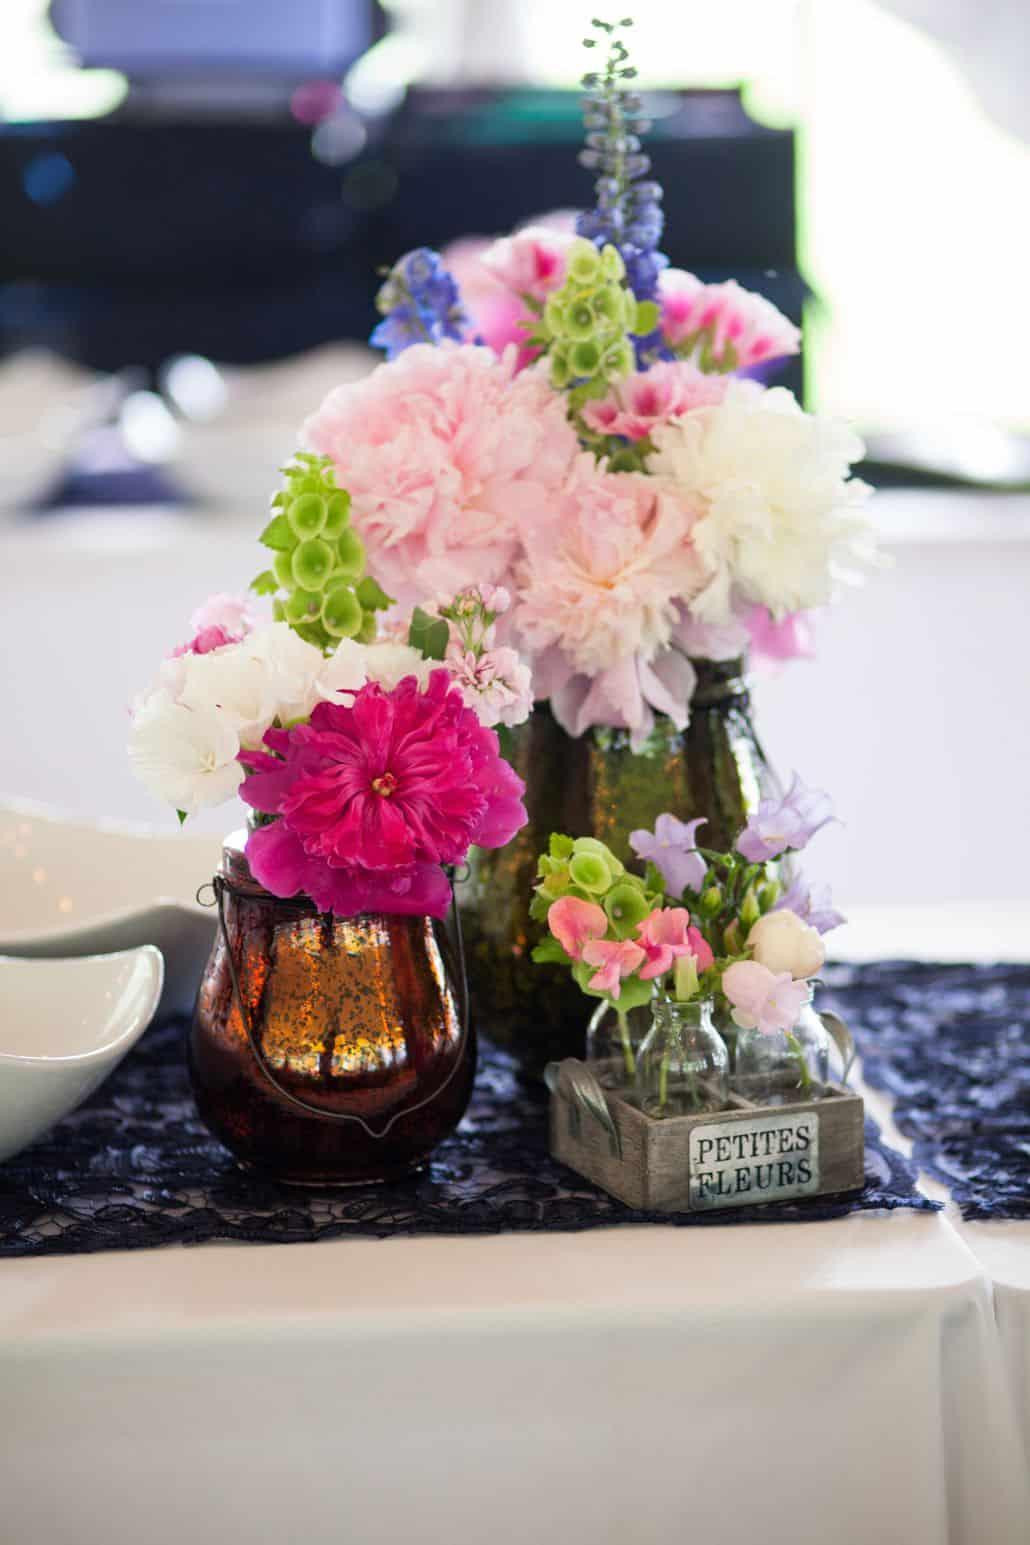 Wedding table centerpiece floral arrangement tiny bud vases wedding table centerpiece floral arrangement tiny bud vases peonies bells of ireland reviewsmspy